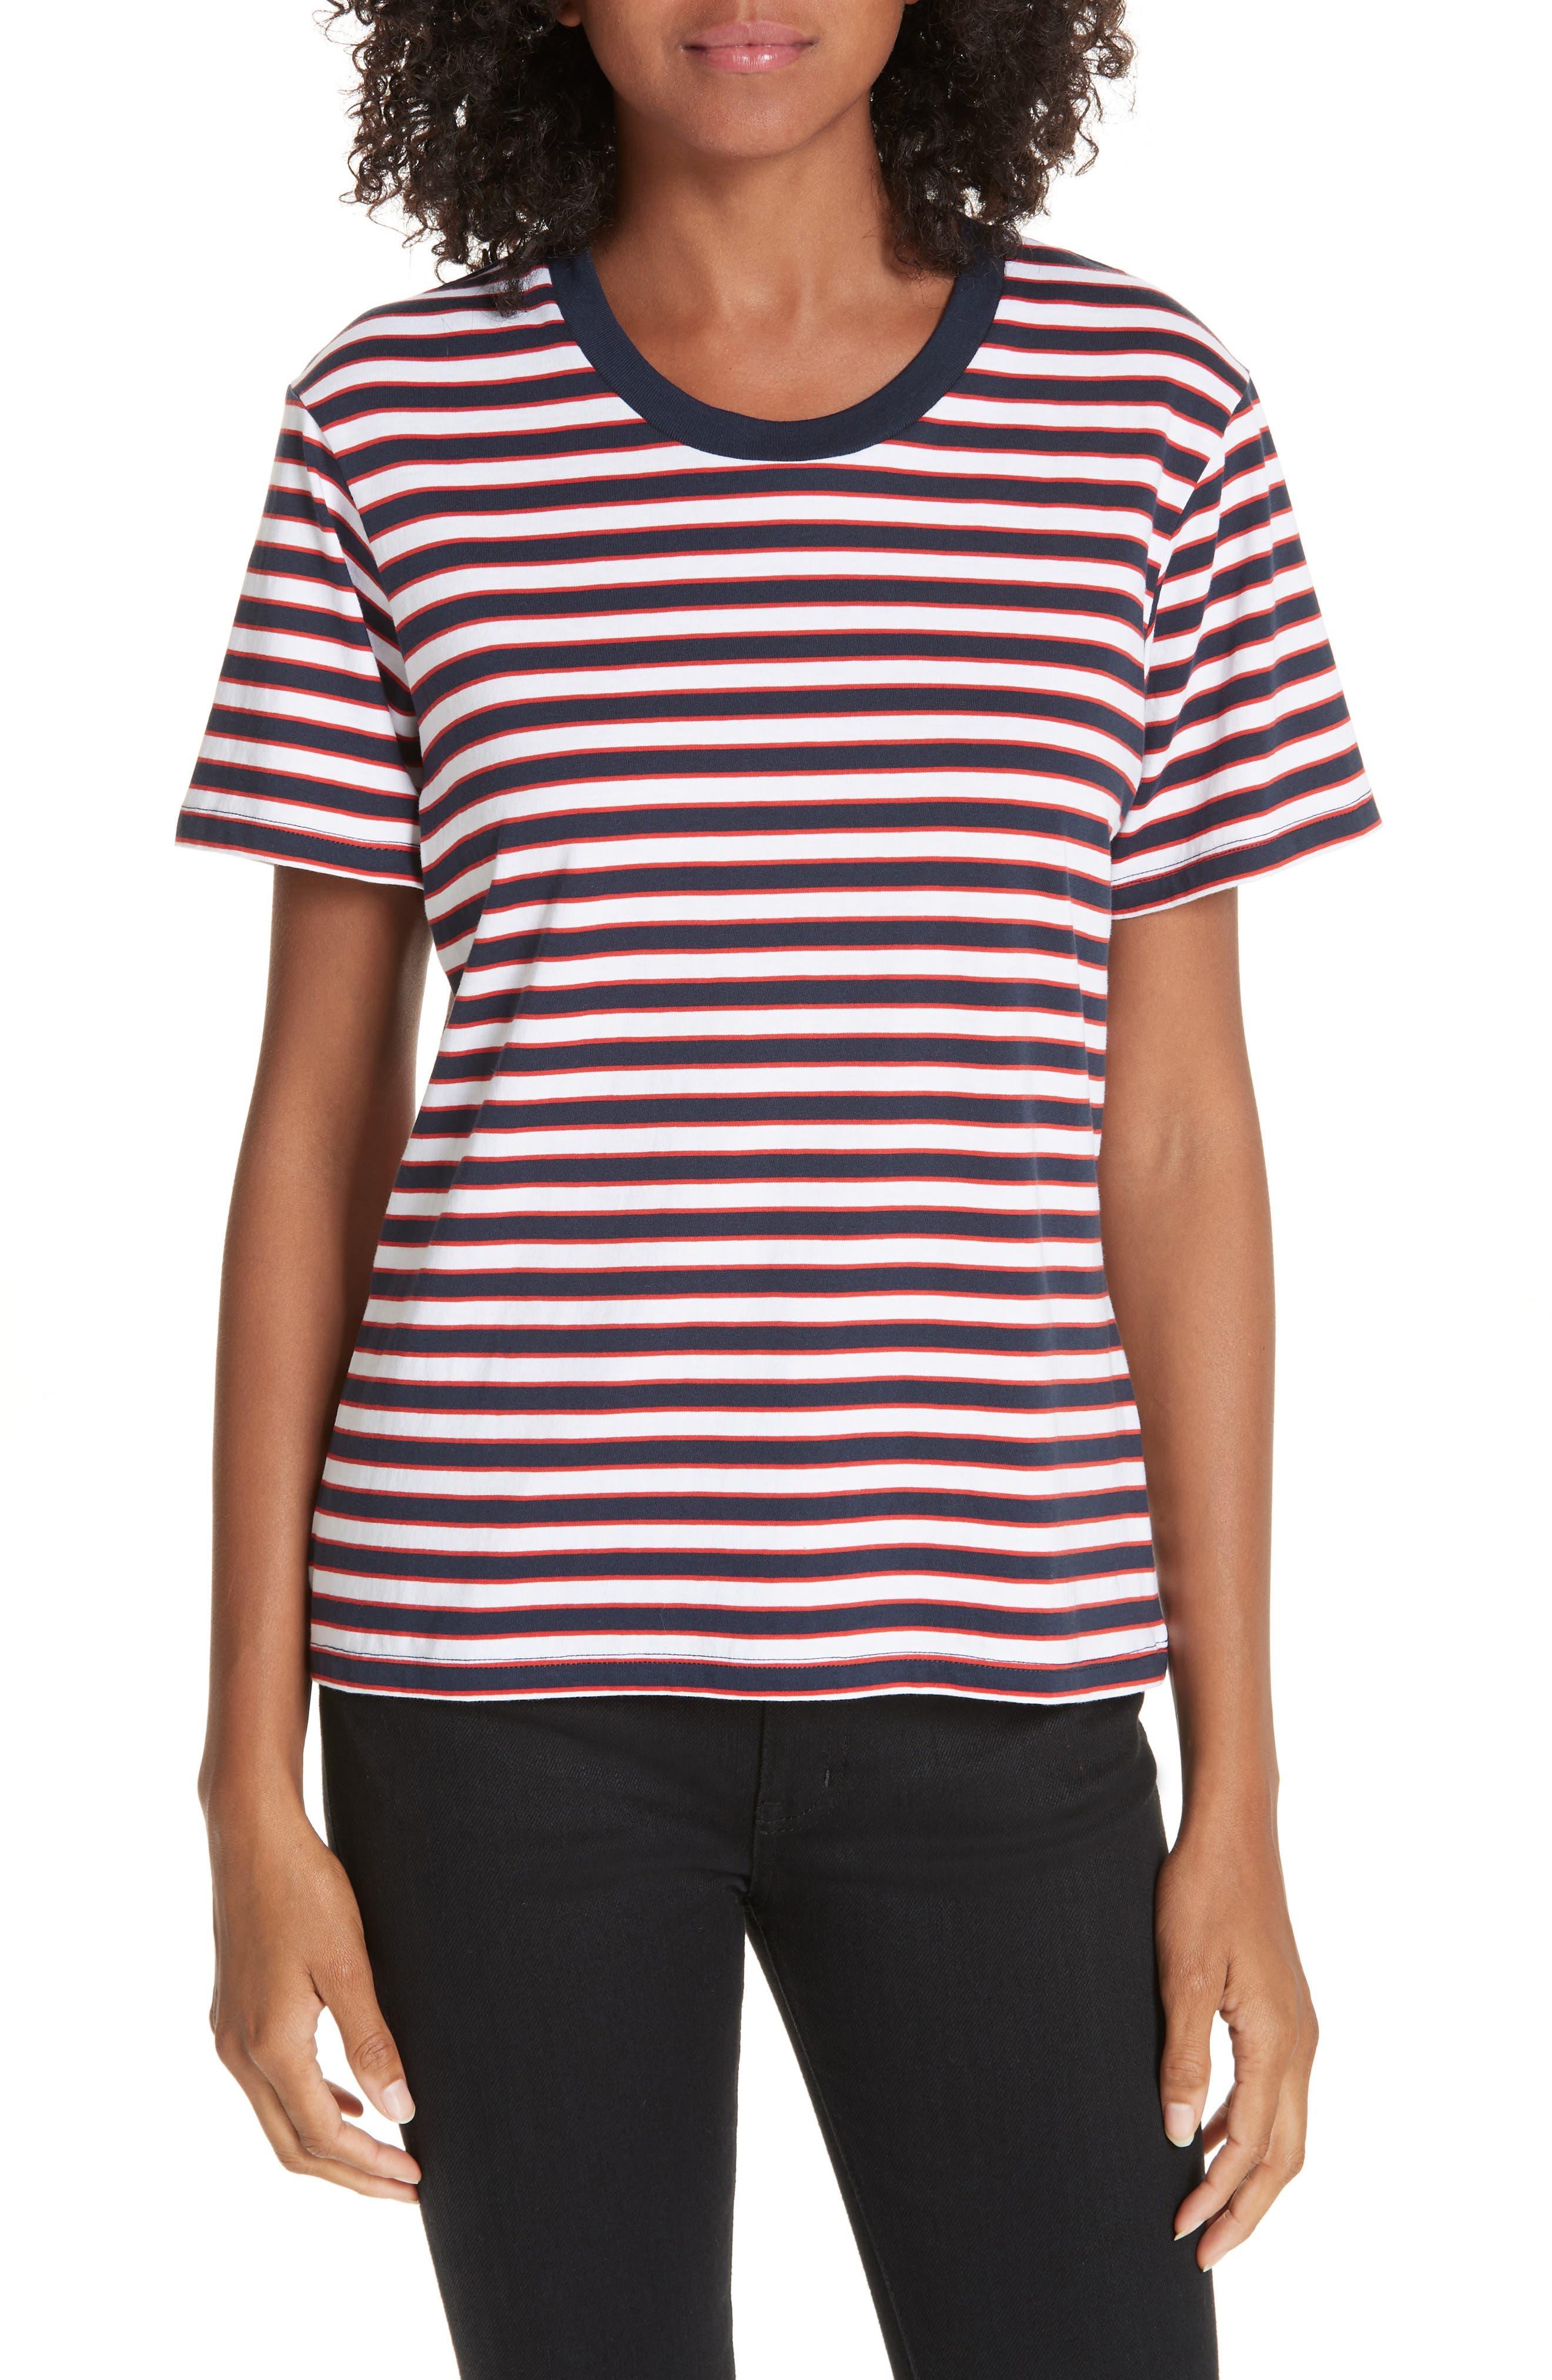 LA LIGNE Seberg Tee in White/ Navy / Red Stripe